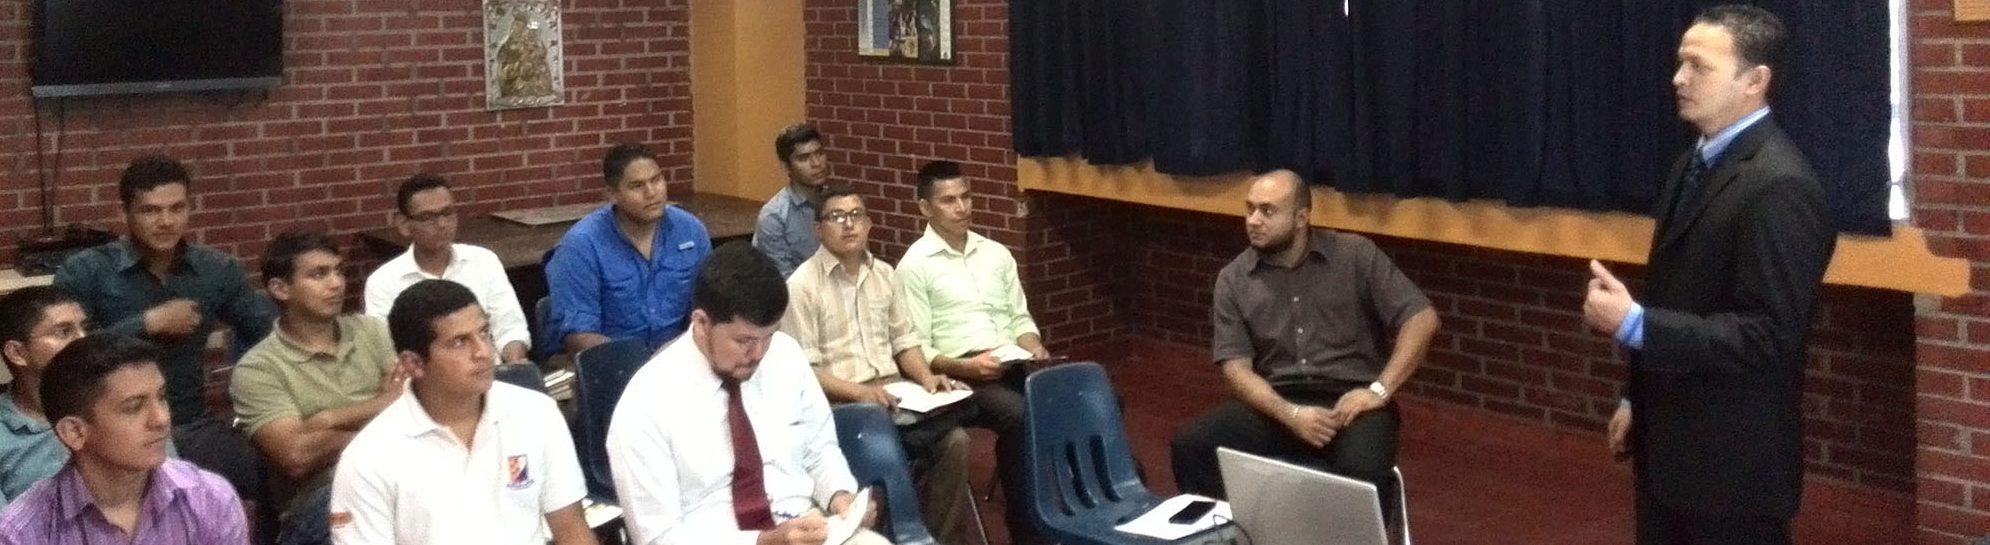 FUNIBER presentó el Programa de Becas en la Fundación Taular en Honduras